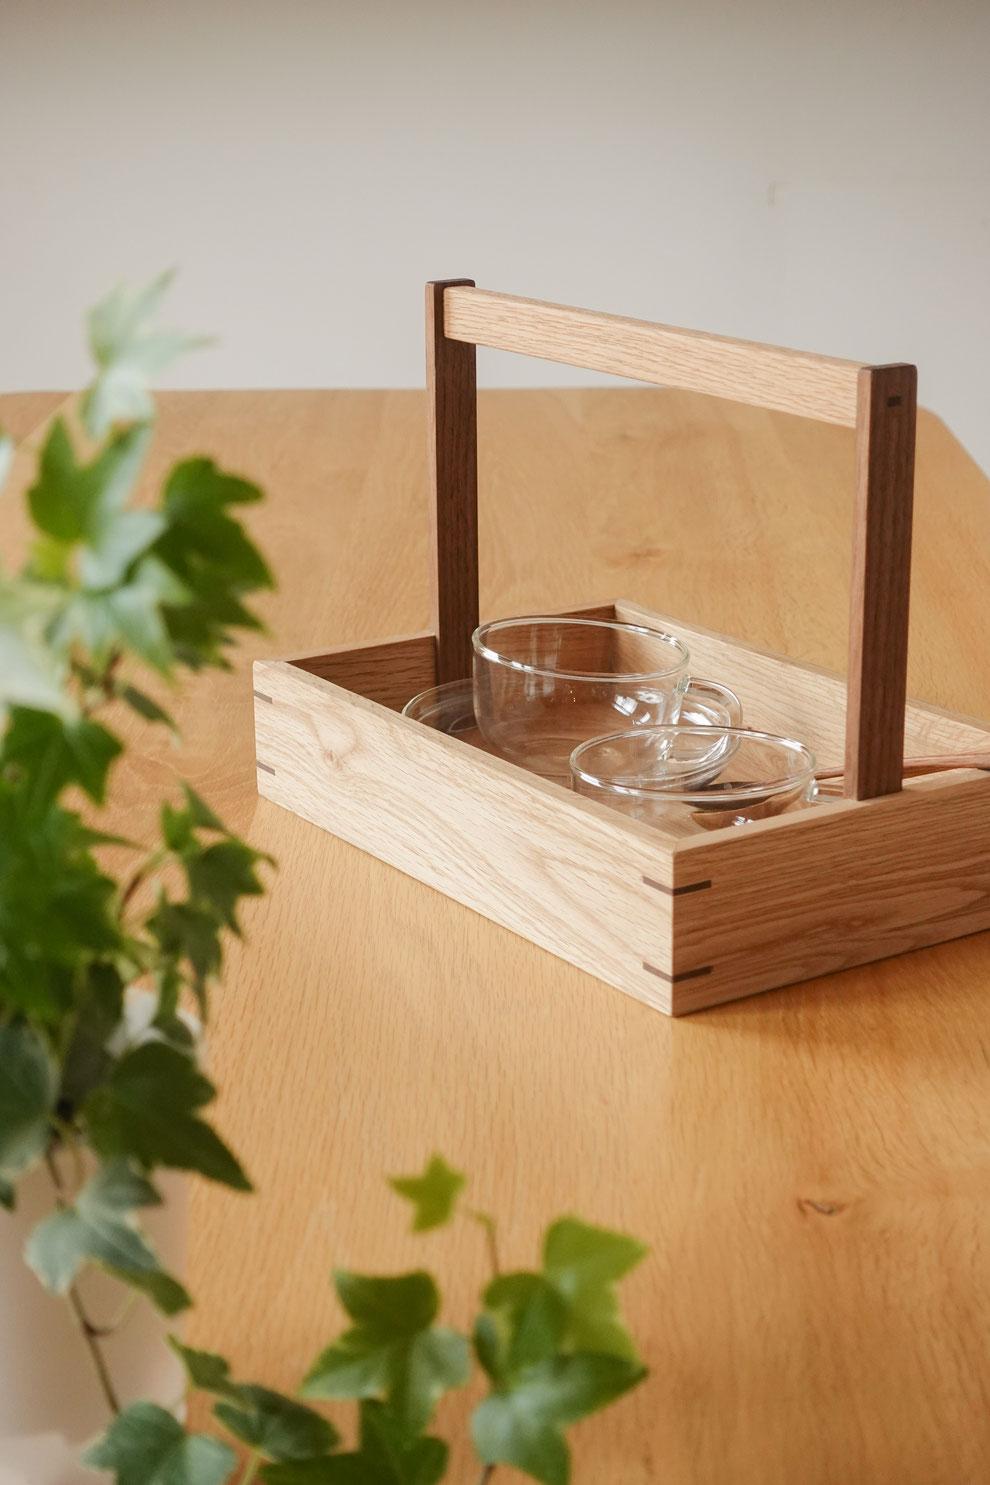 クラスコファニチャー オリジナル家具 オカモチ  無垢材 オイル仕上げ